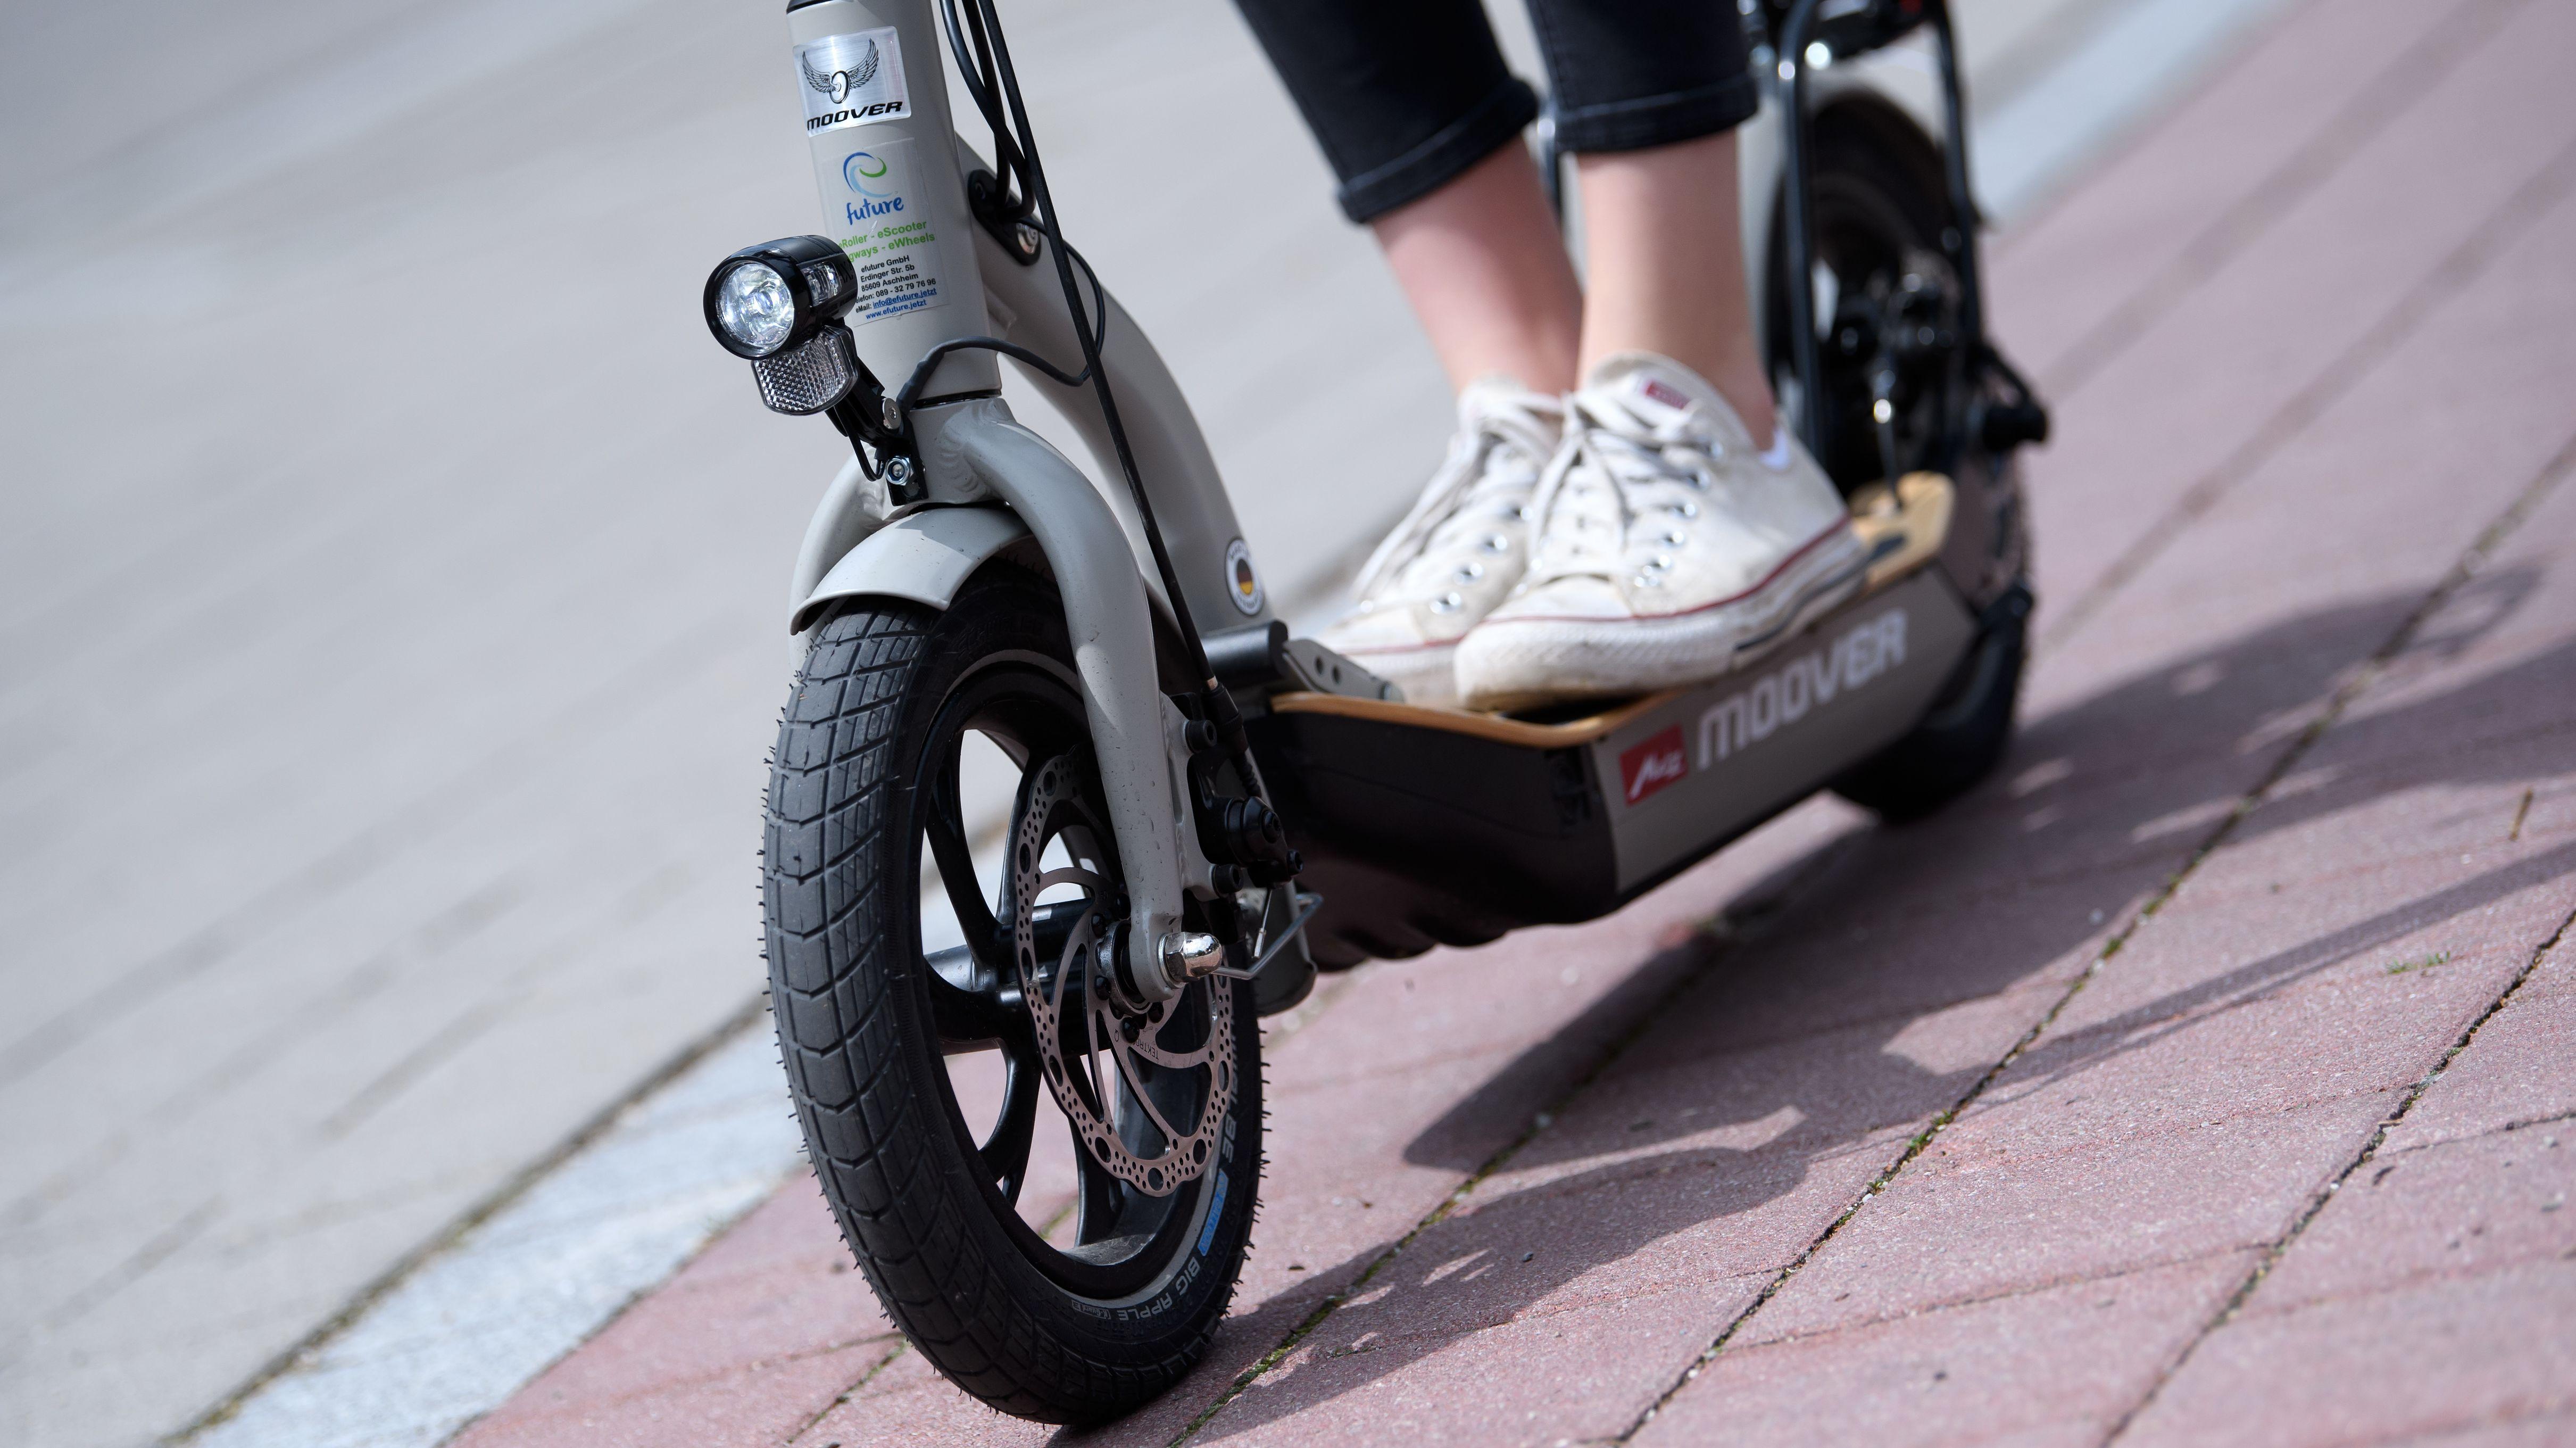 Füße in Turnschuhen auf einem E-Scooter